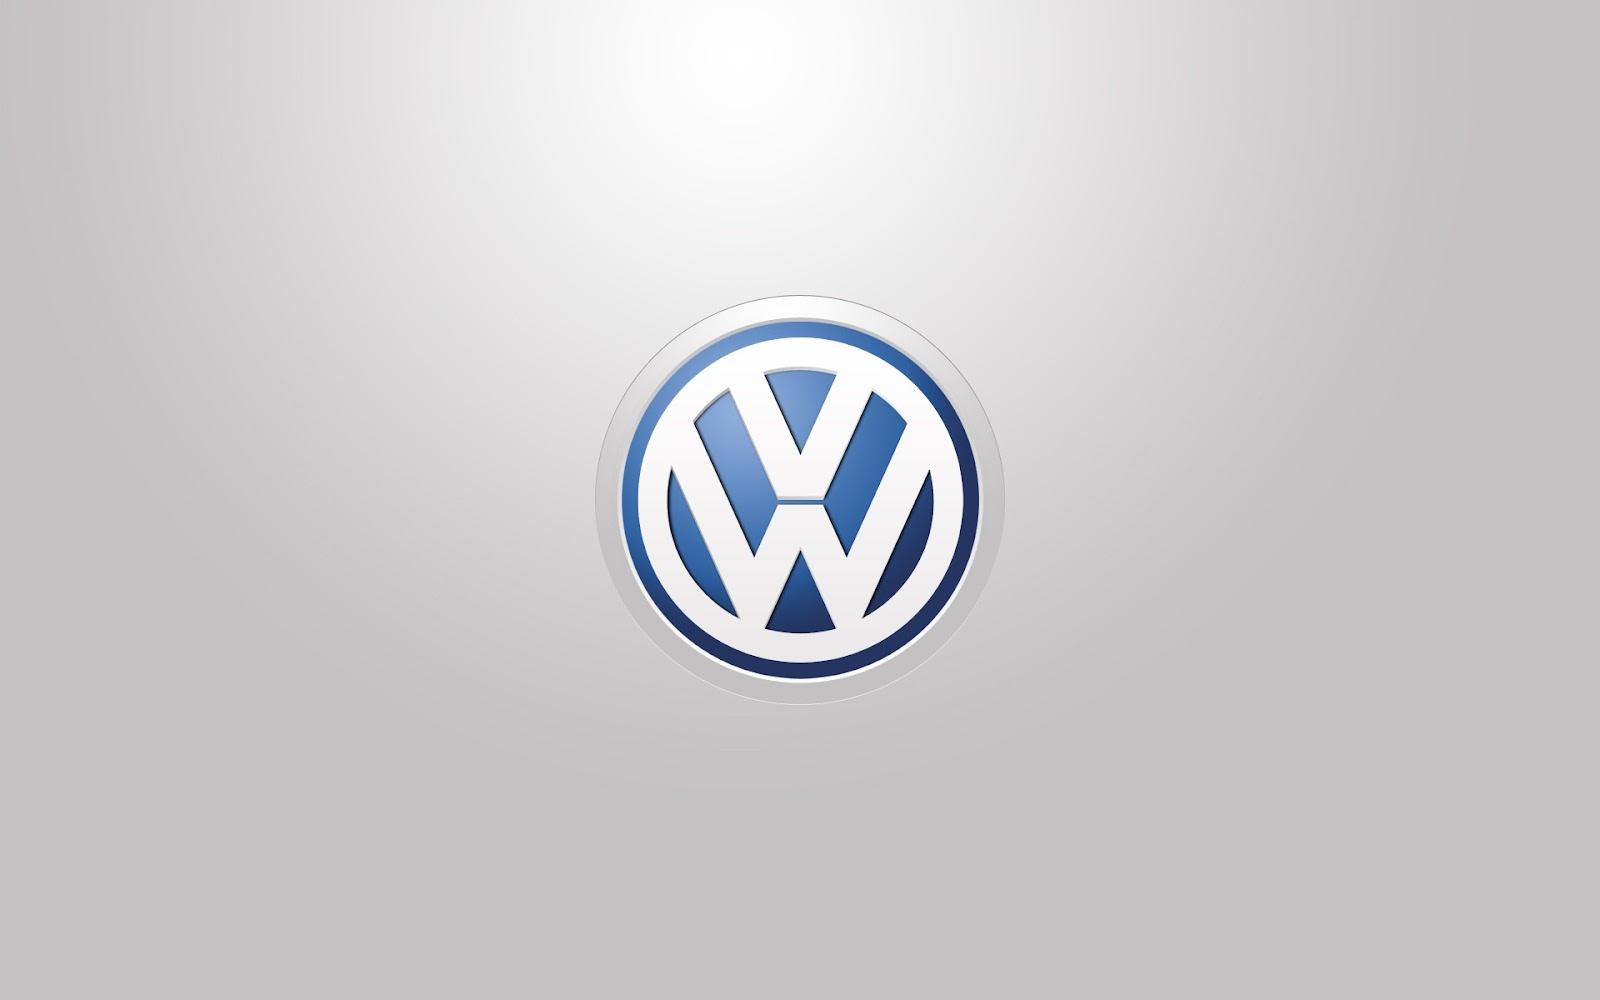 http://4.bp.blogspot.com/-KAFx3Afa_Bg/T4gqTvWsp2I/AAAAAAAABUA/AHlkkakmpSM/s1600/Minimal_Volkswagen_Logo_Simple_HD_Car_Wallpaper.jpg